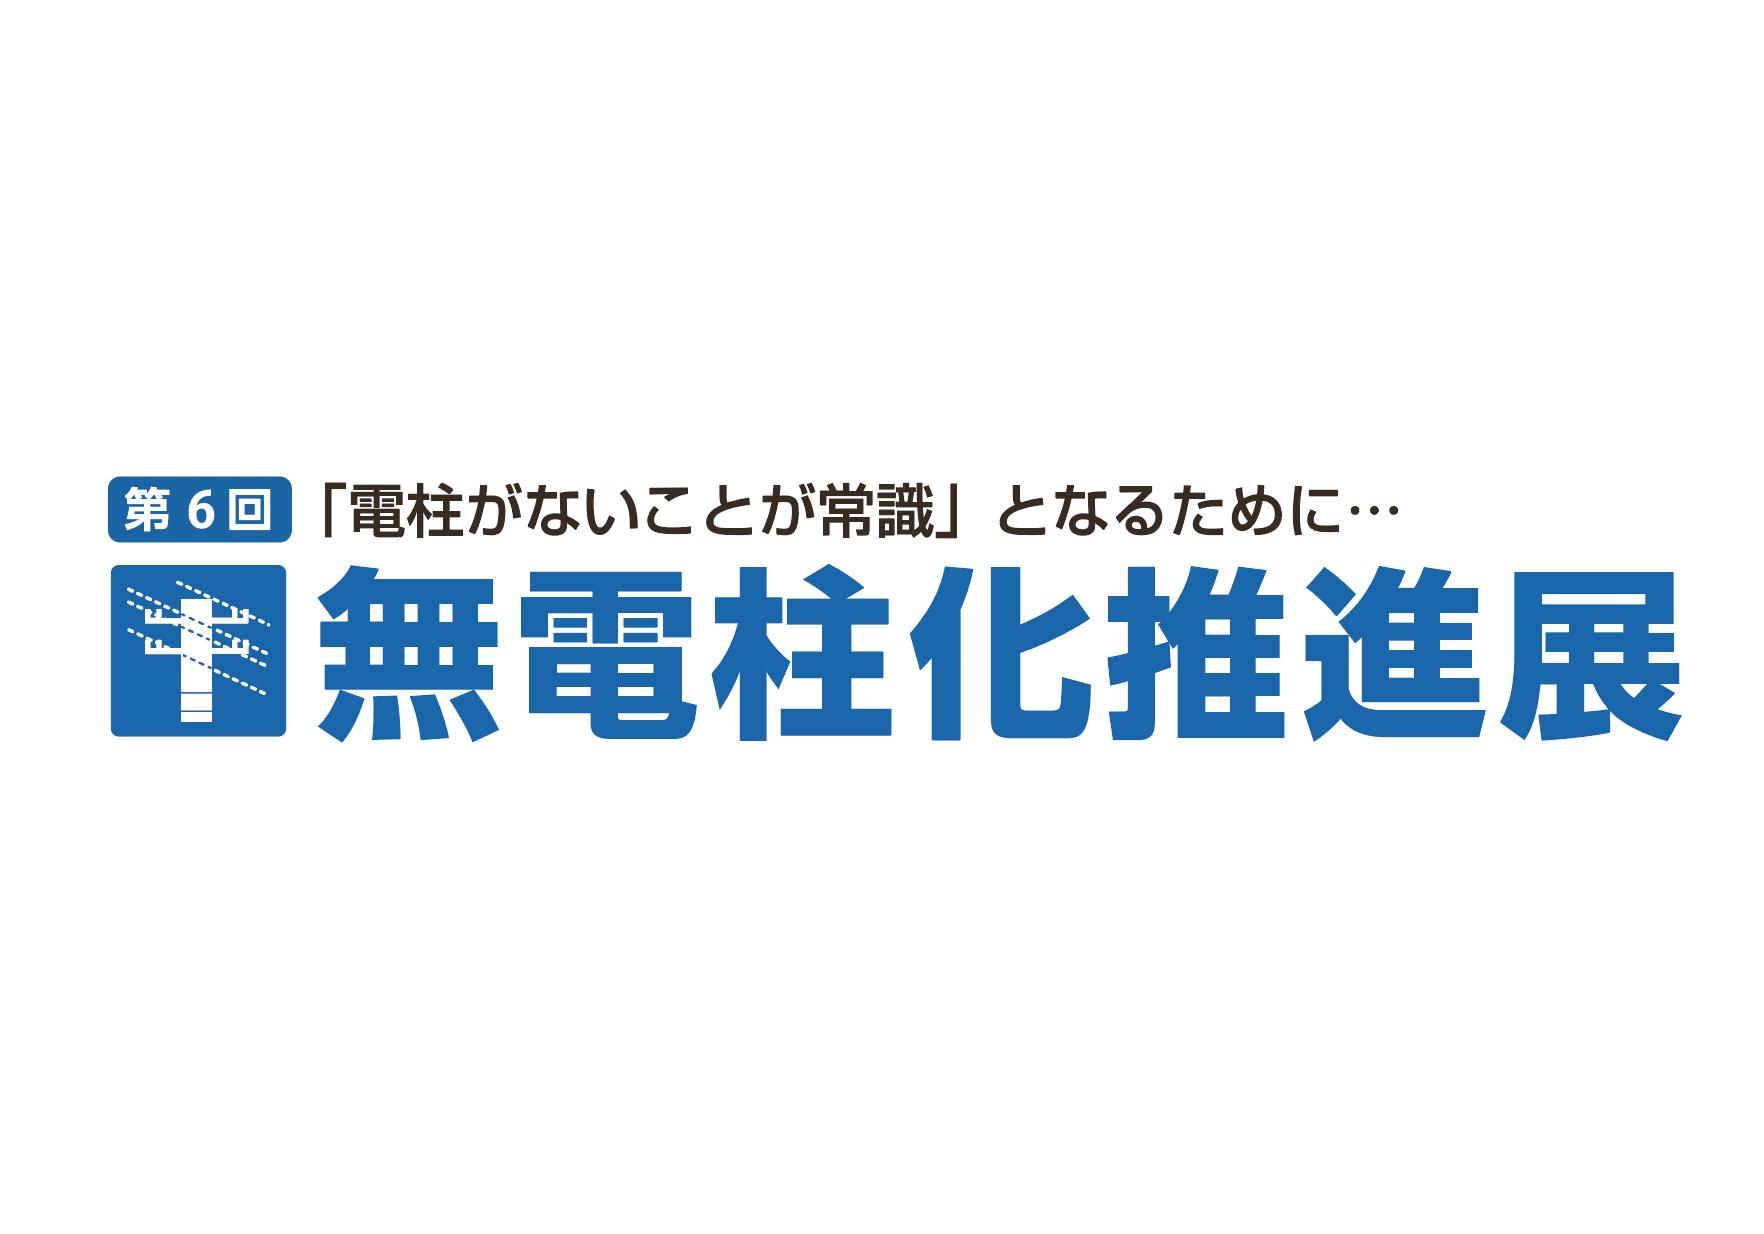 「第6回無電柱化推進展」7月29〜31日 インテックス大阪で開催の画像